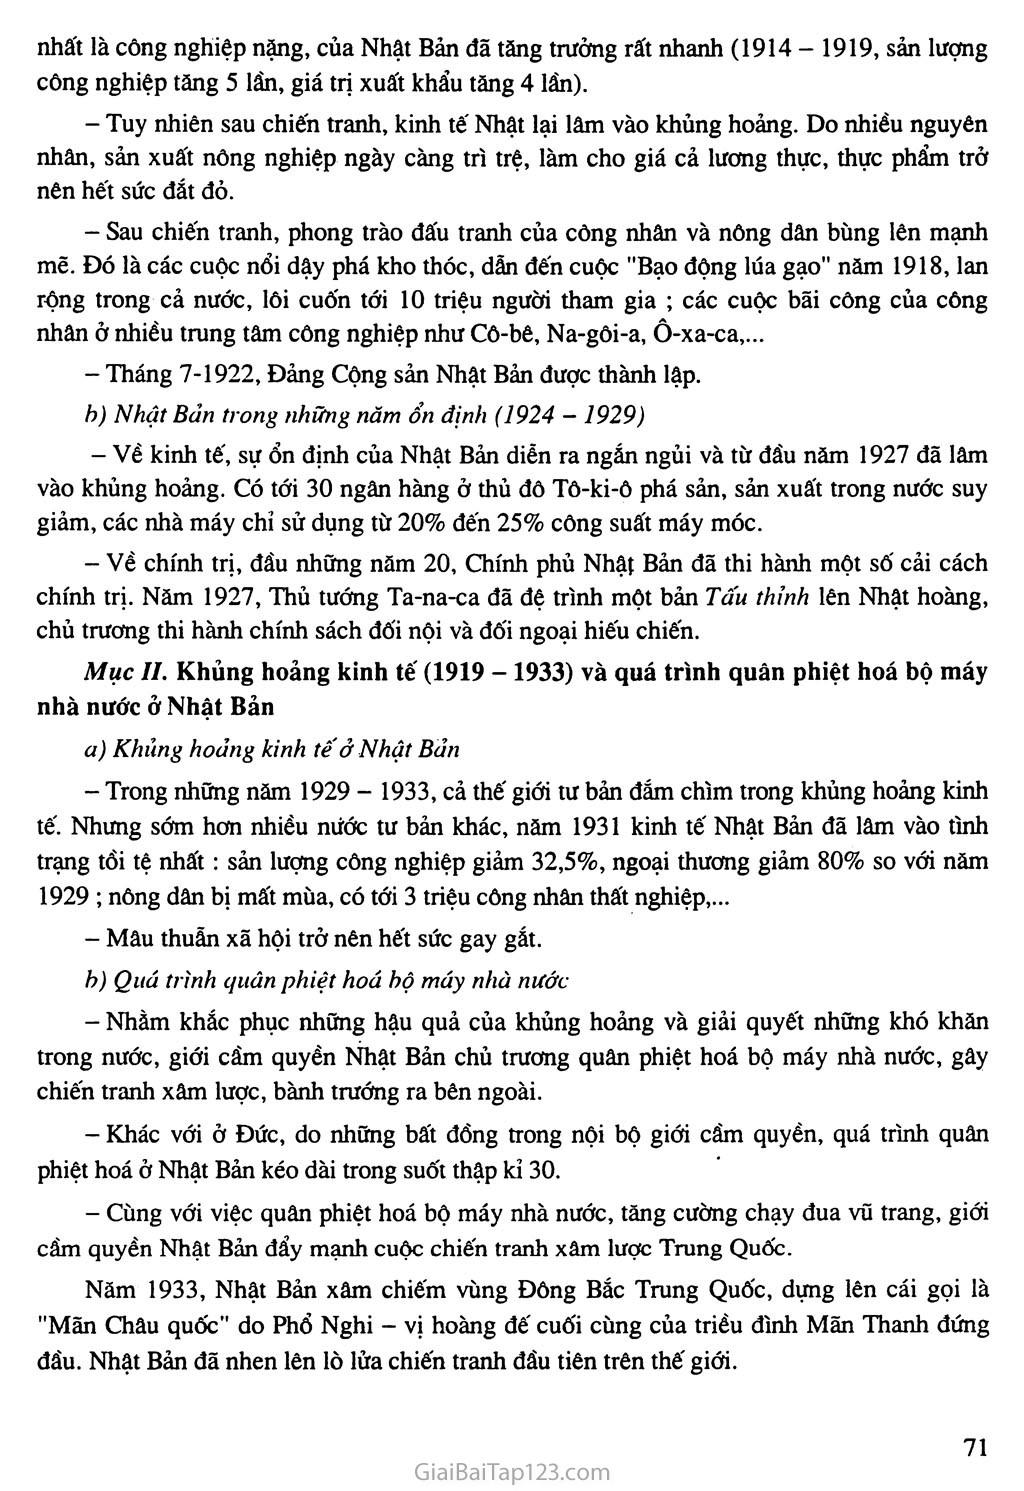 Bài 14: Nhật Bản giữa hai cuộc chiến tranh thế giới (1918 - 1939) trang 2